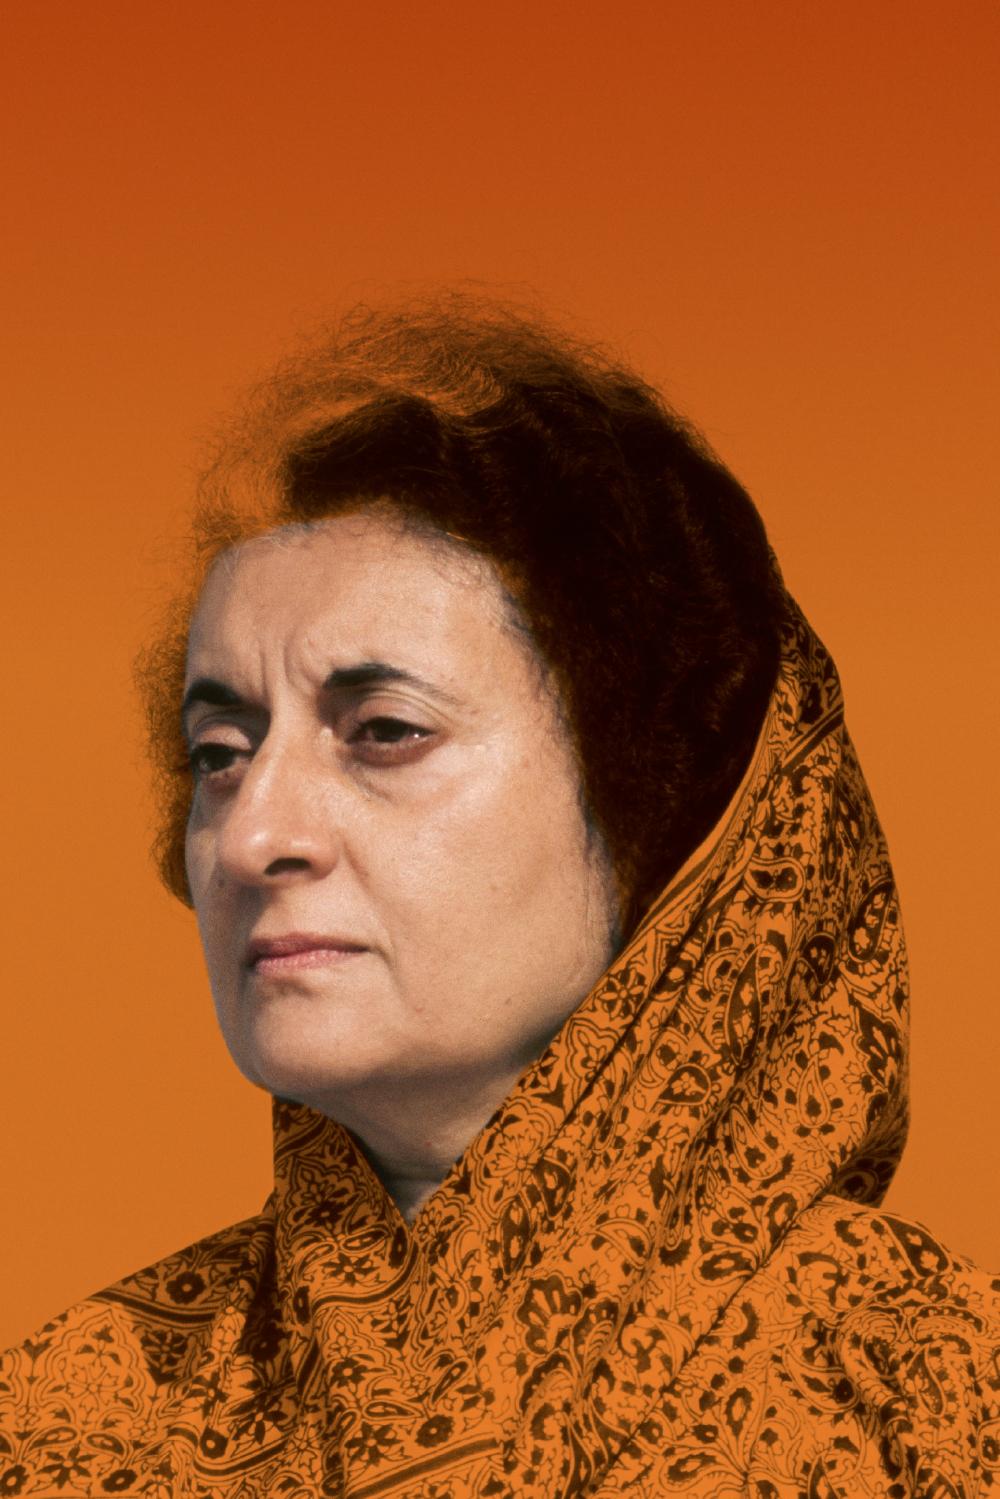 Indira Gandhi in a portrait from 1976.